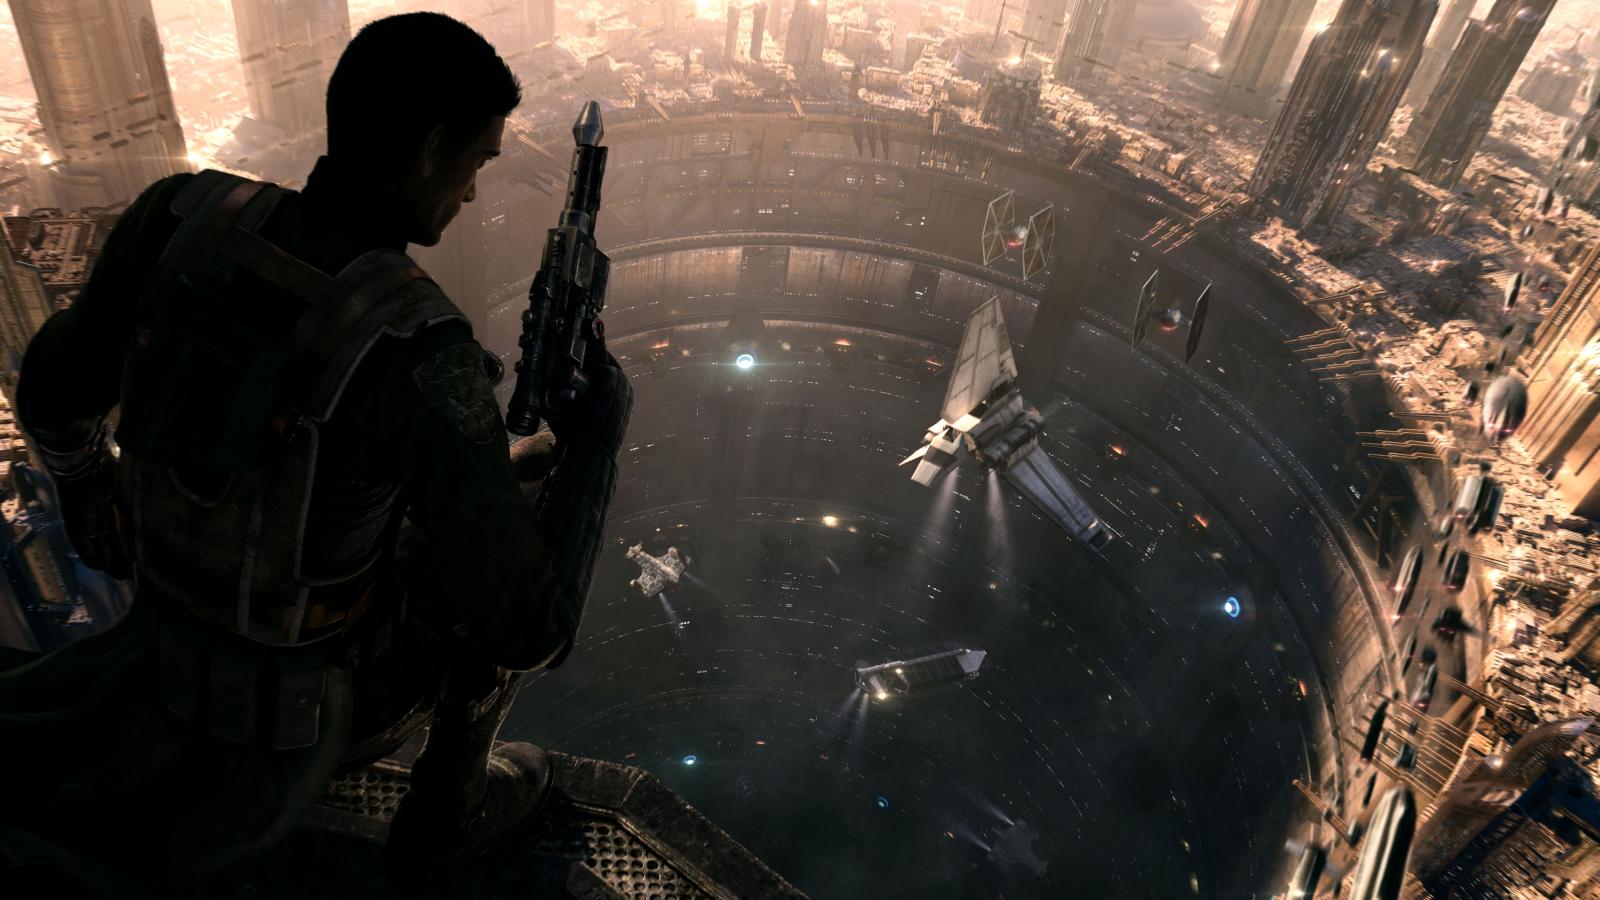 «Этого не случится никогда»: Джейсон Шрайер прокомментировал шансы на возрождение Star Wars 1313